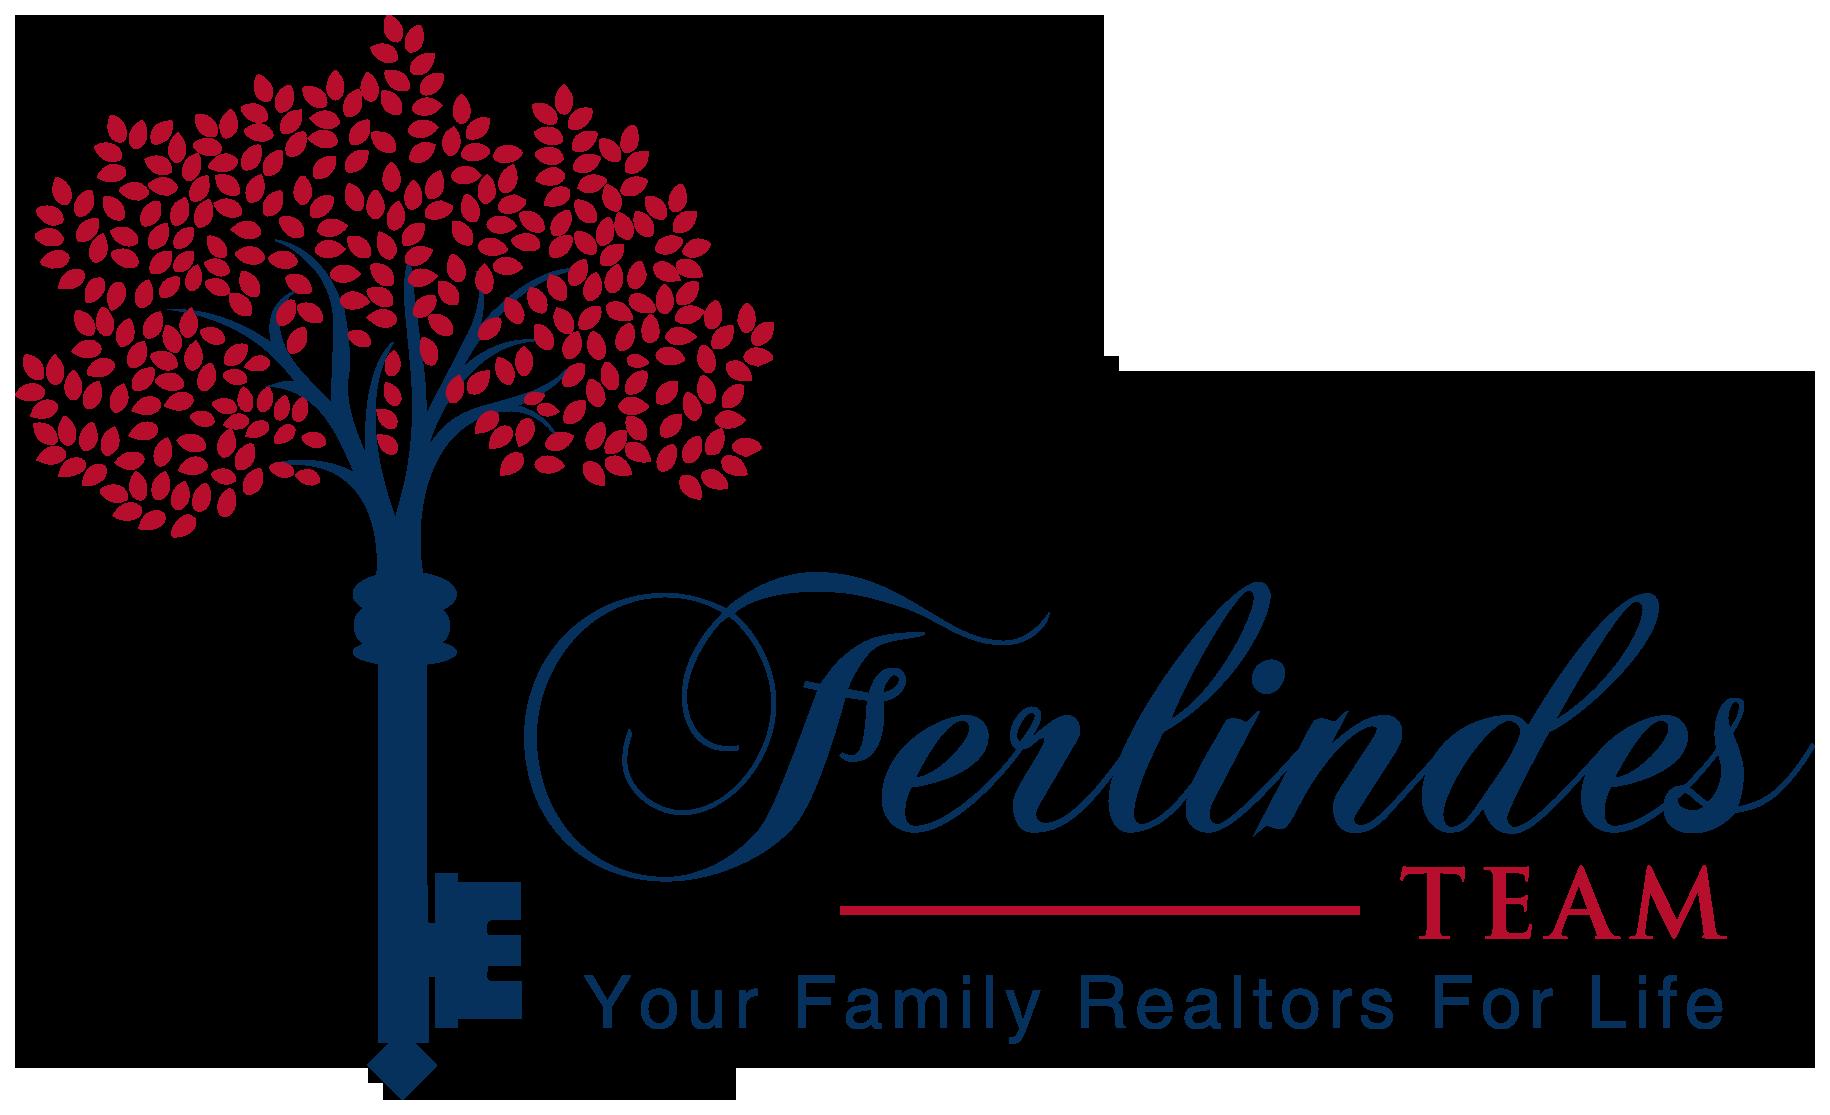 Ferlindes Team  adspaceTL